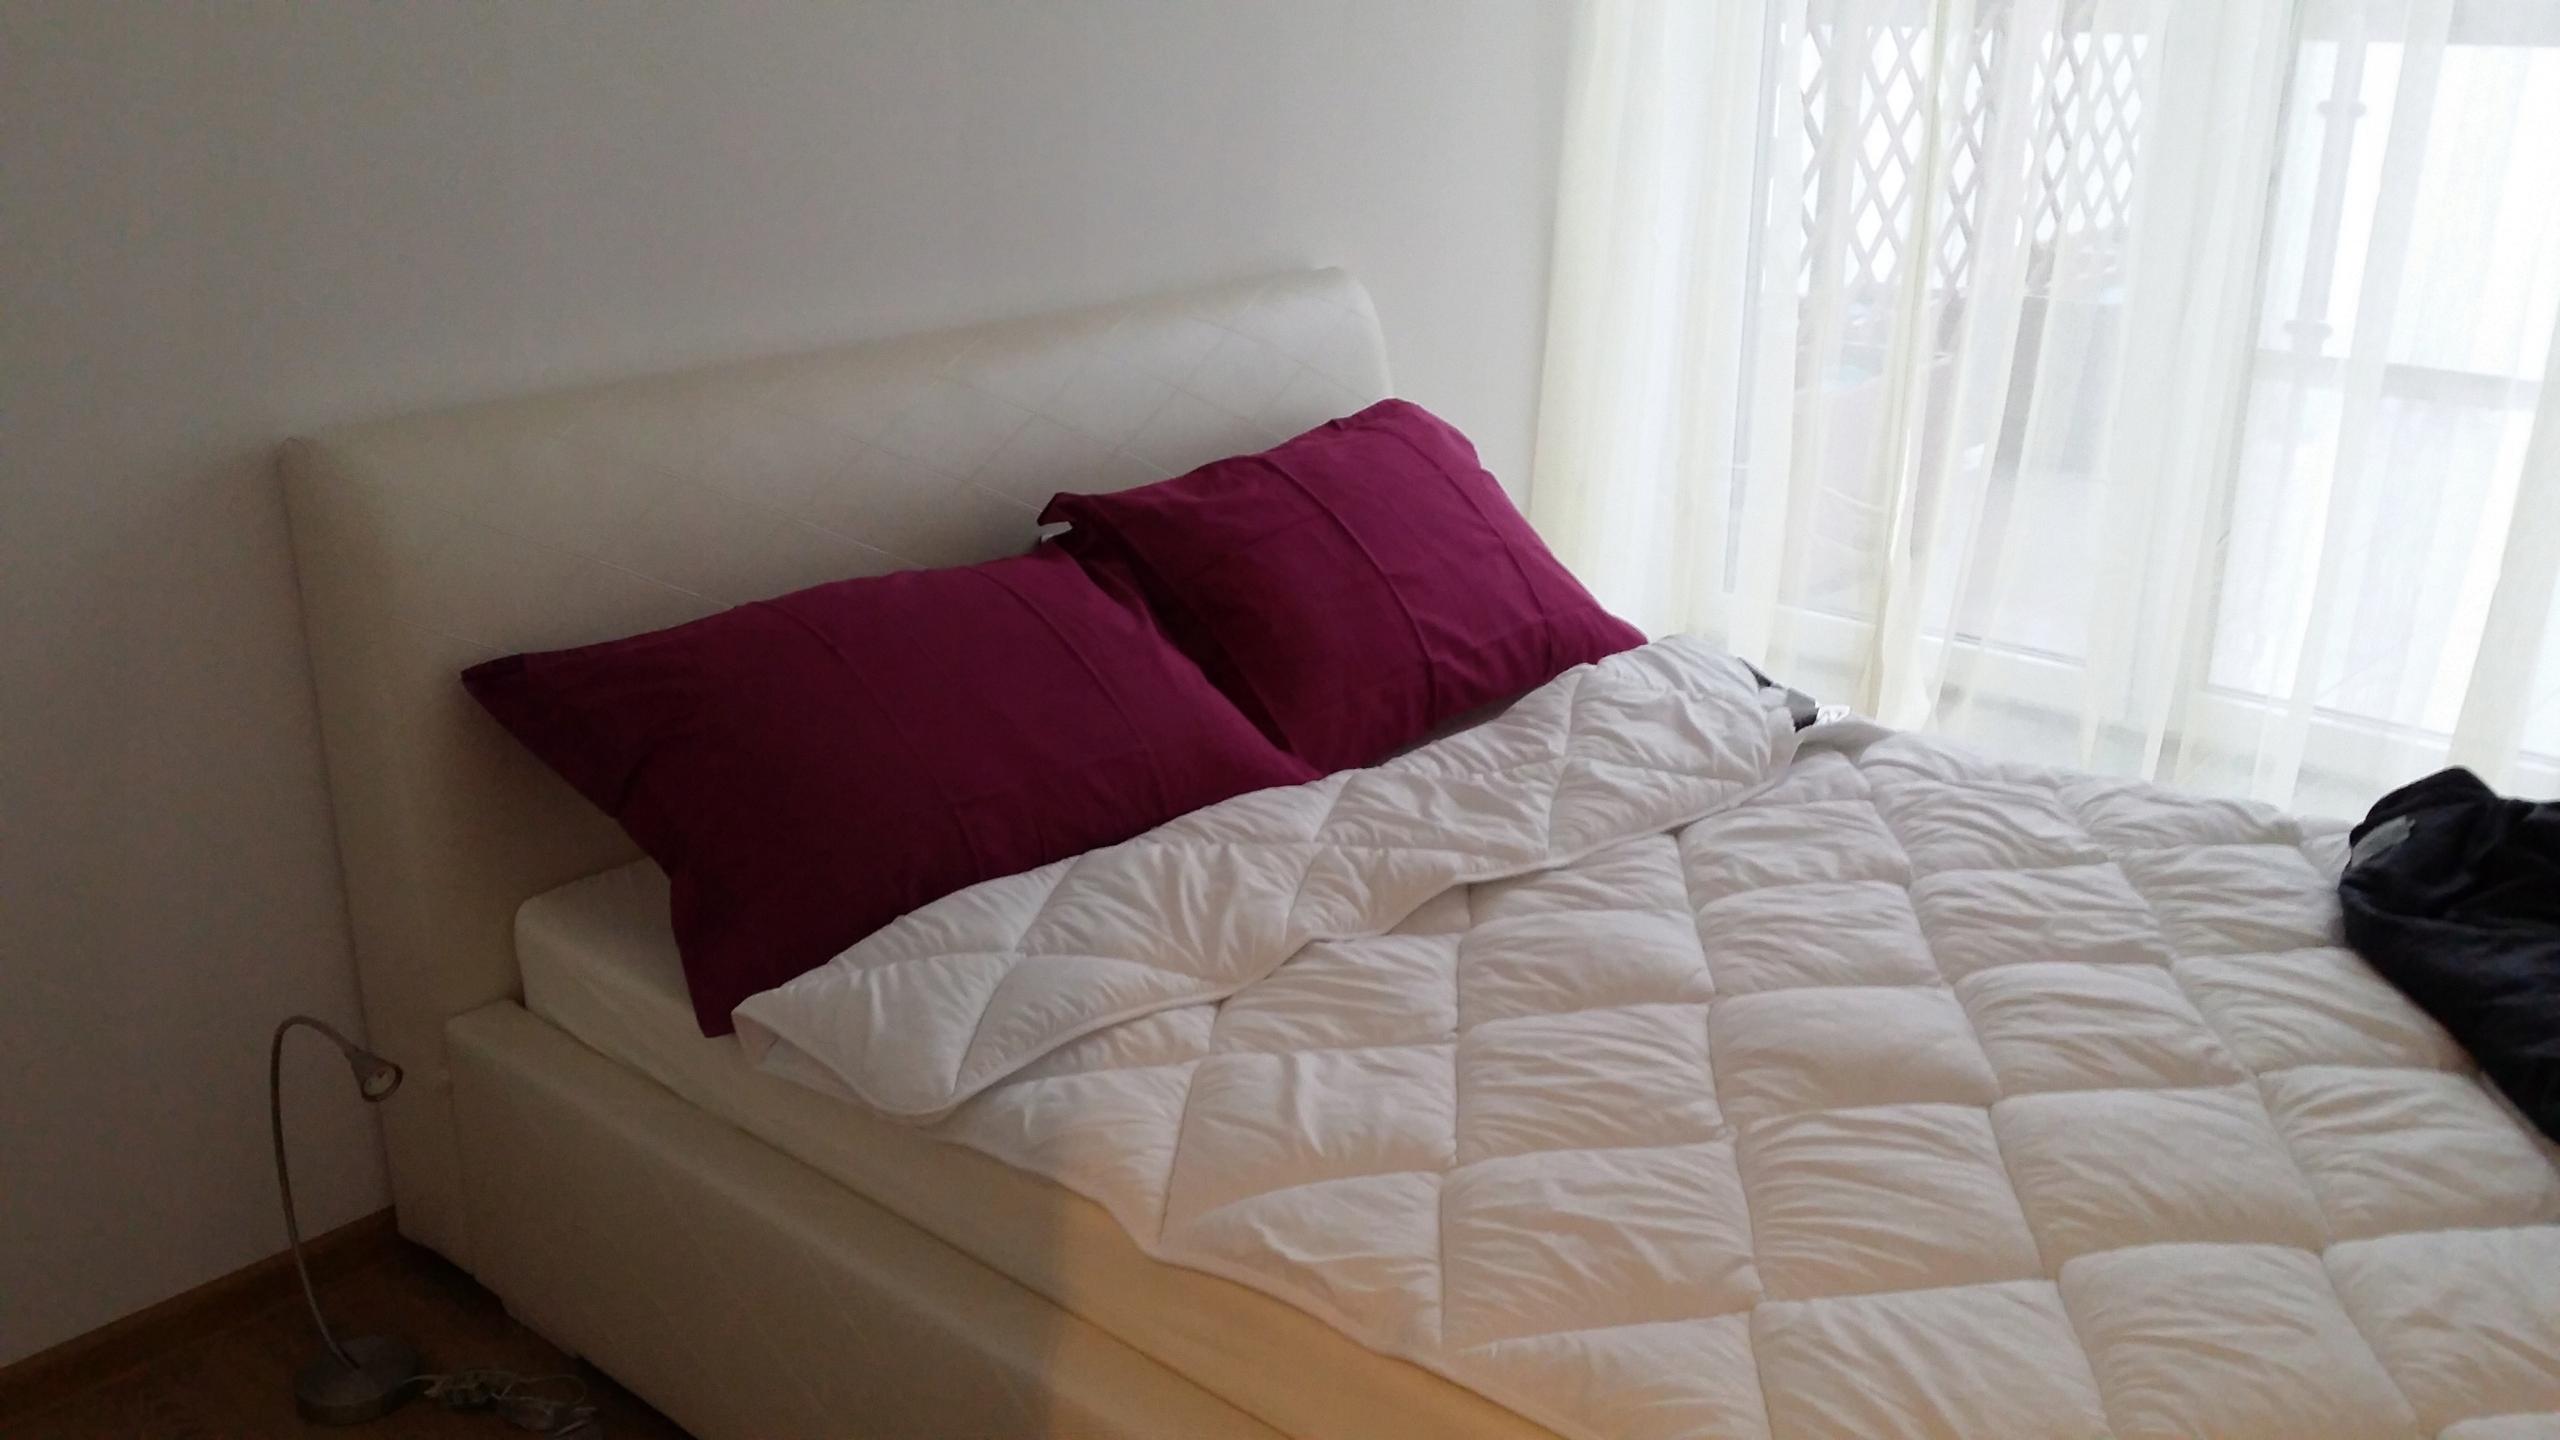 łóżko Tapic Z Materacempojemnik 148218cm Bodzio